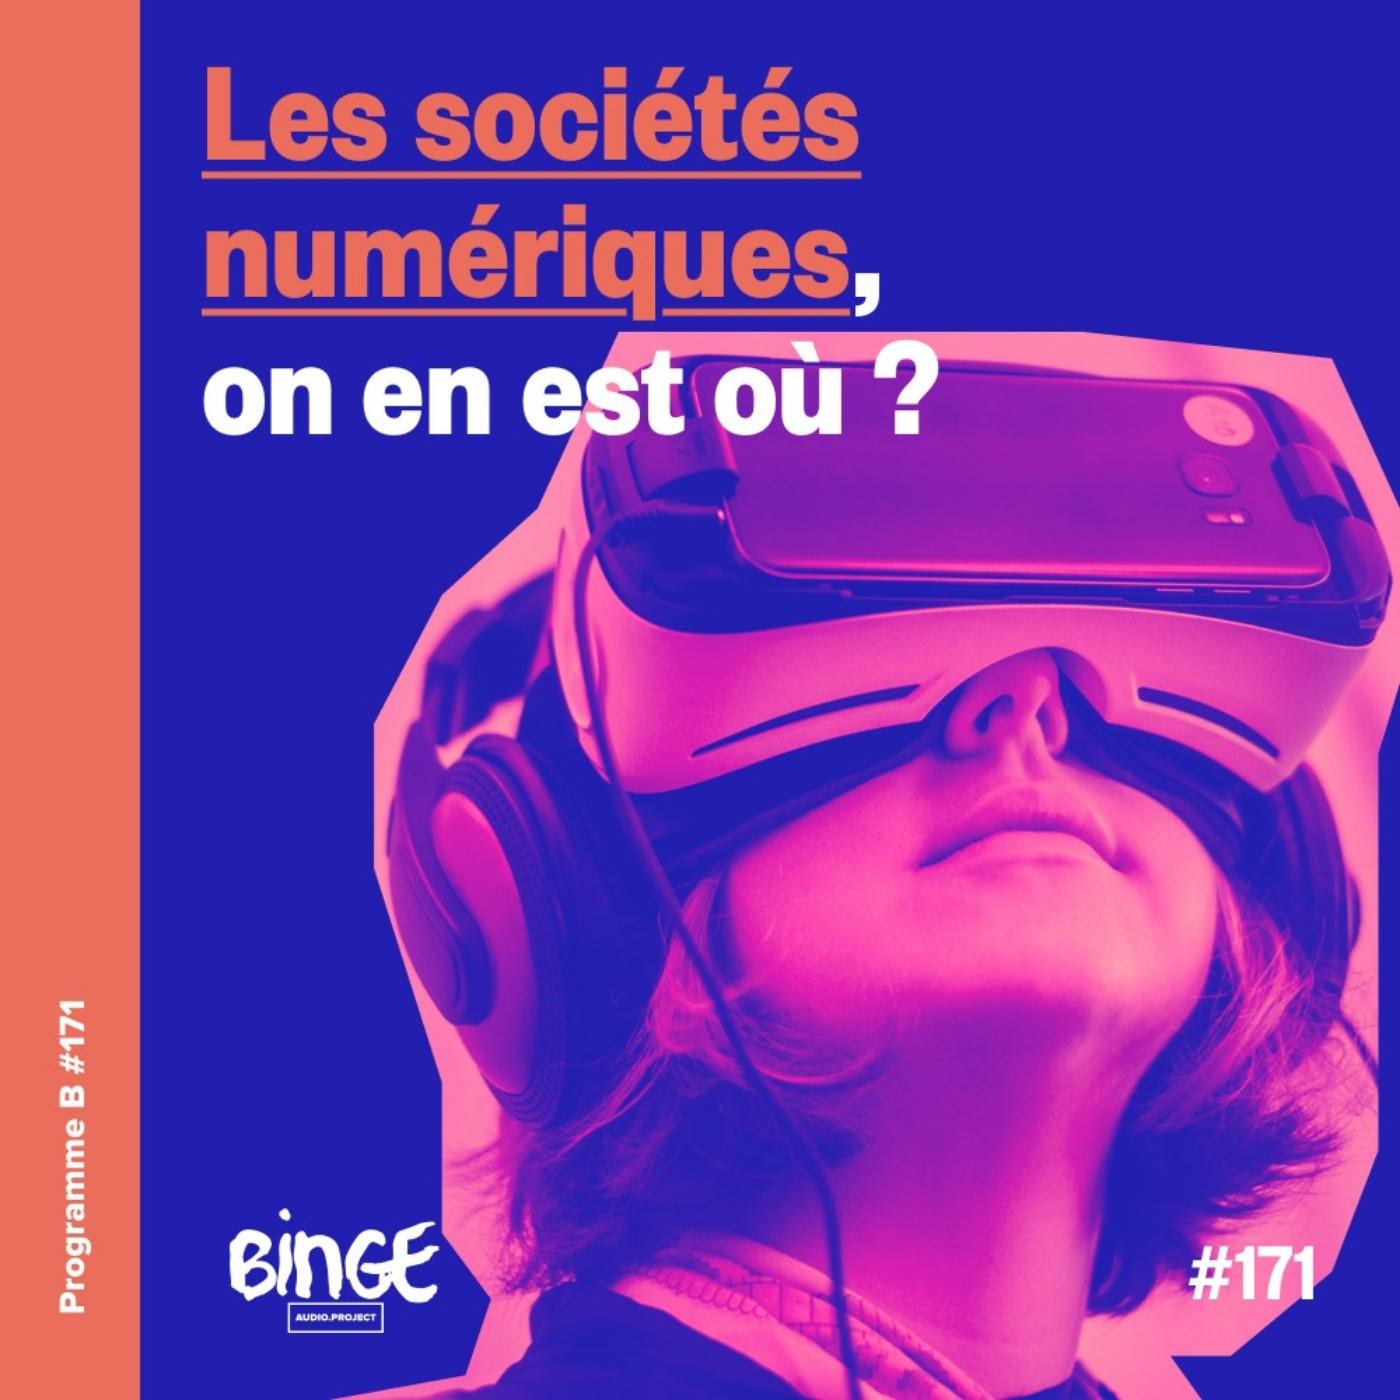 Les sociétés numériques, on en est où ?